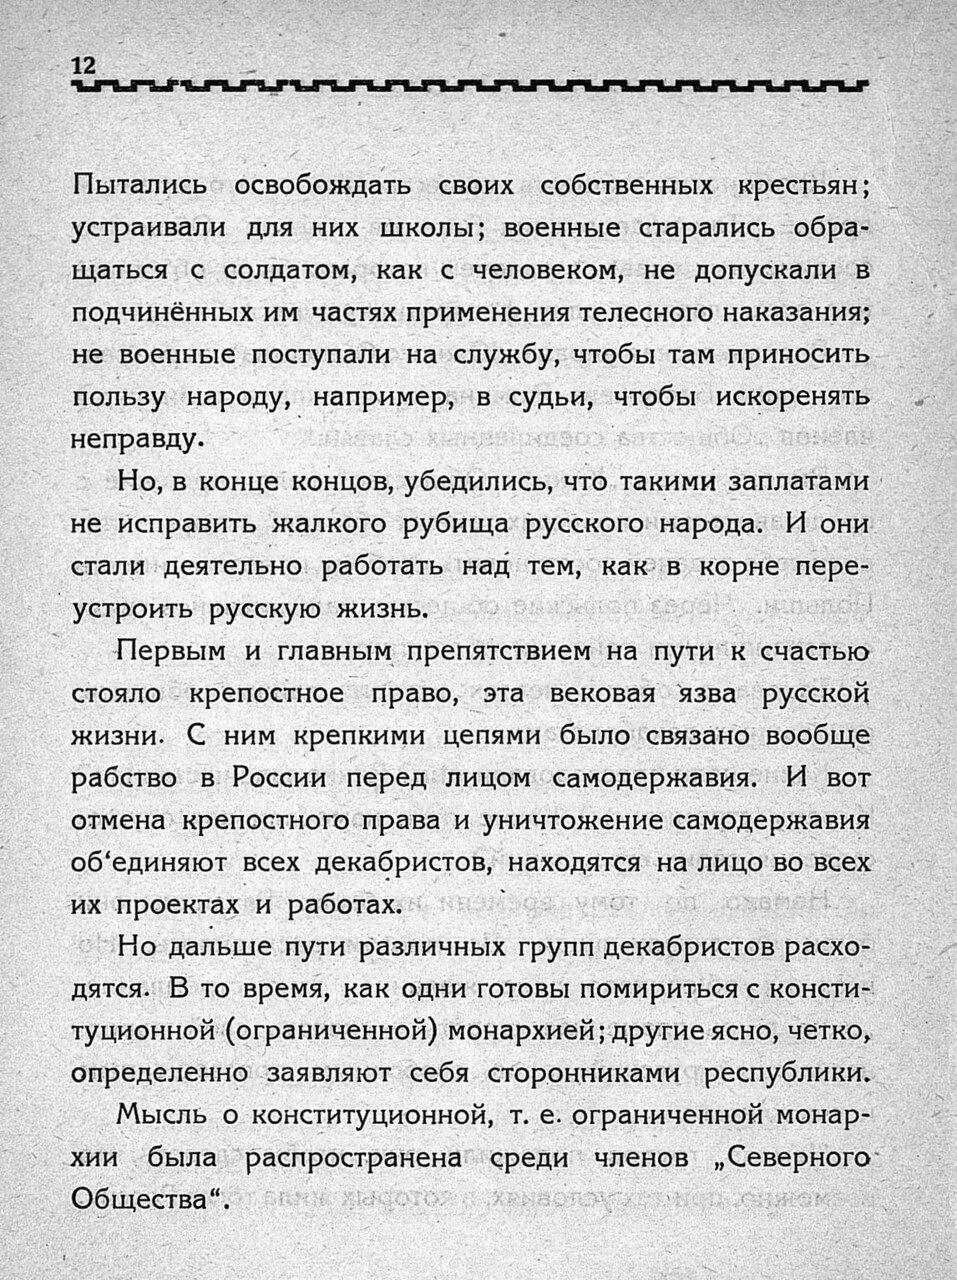 https://img-fotki.yandex.ru/get/9480/199368979.23/0_1bfad0_4a44ad0_XXXL.jpg